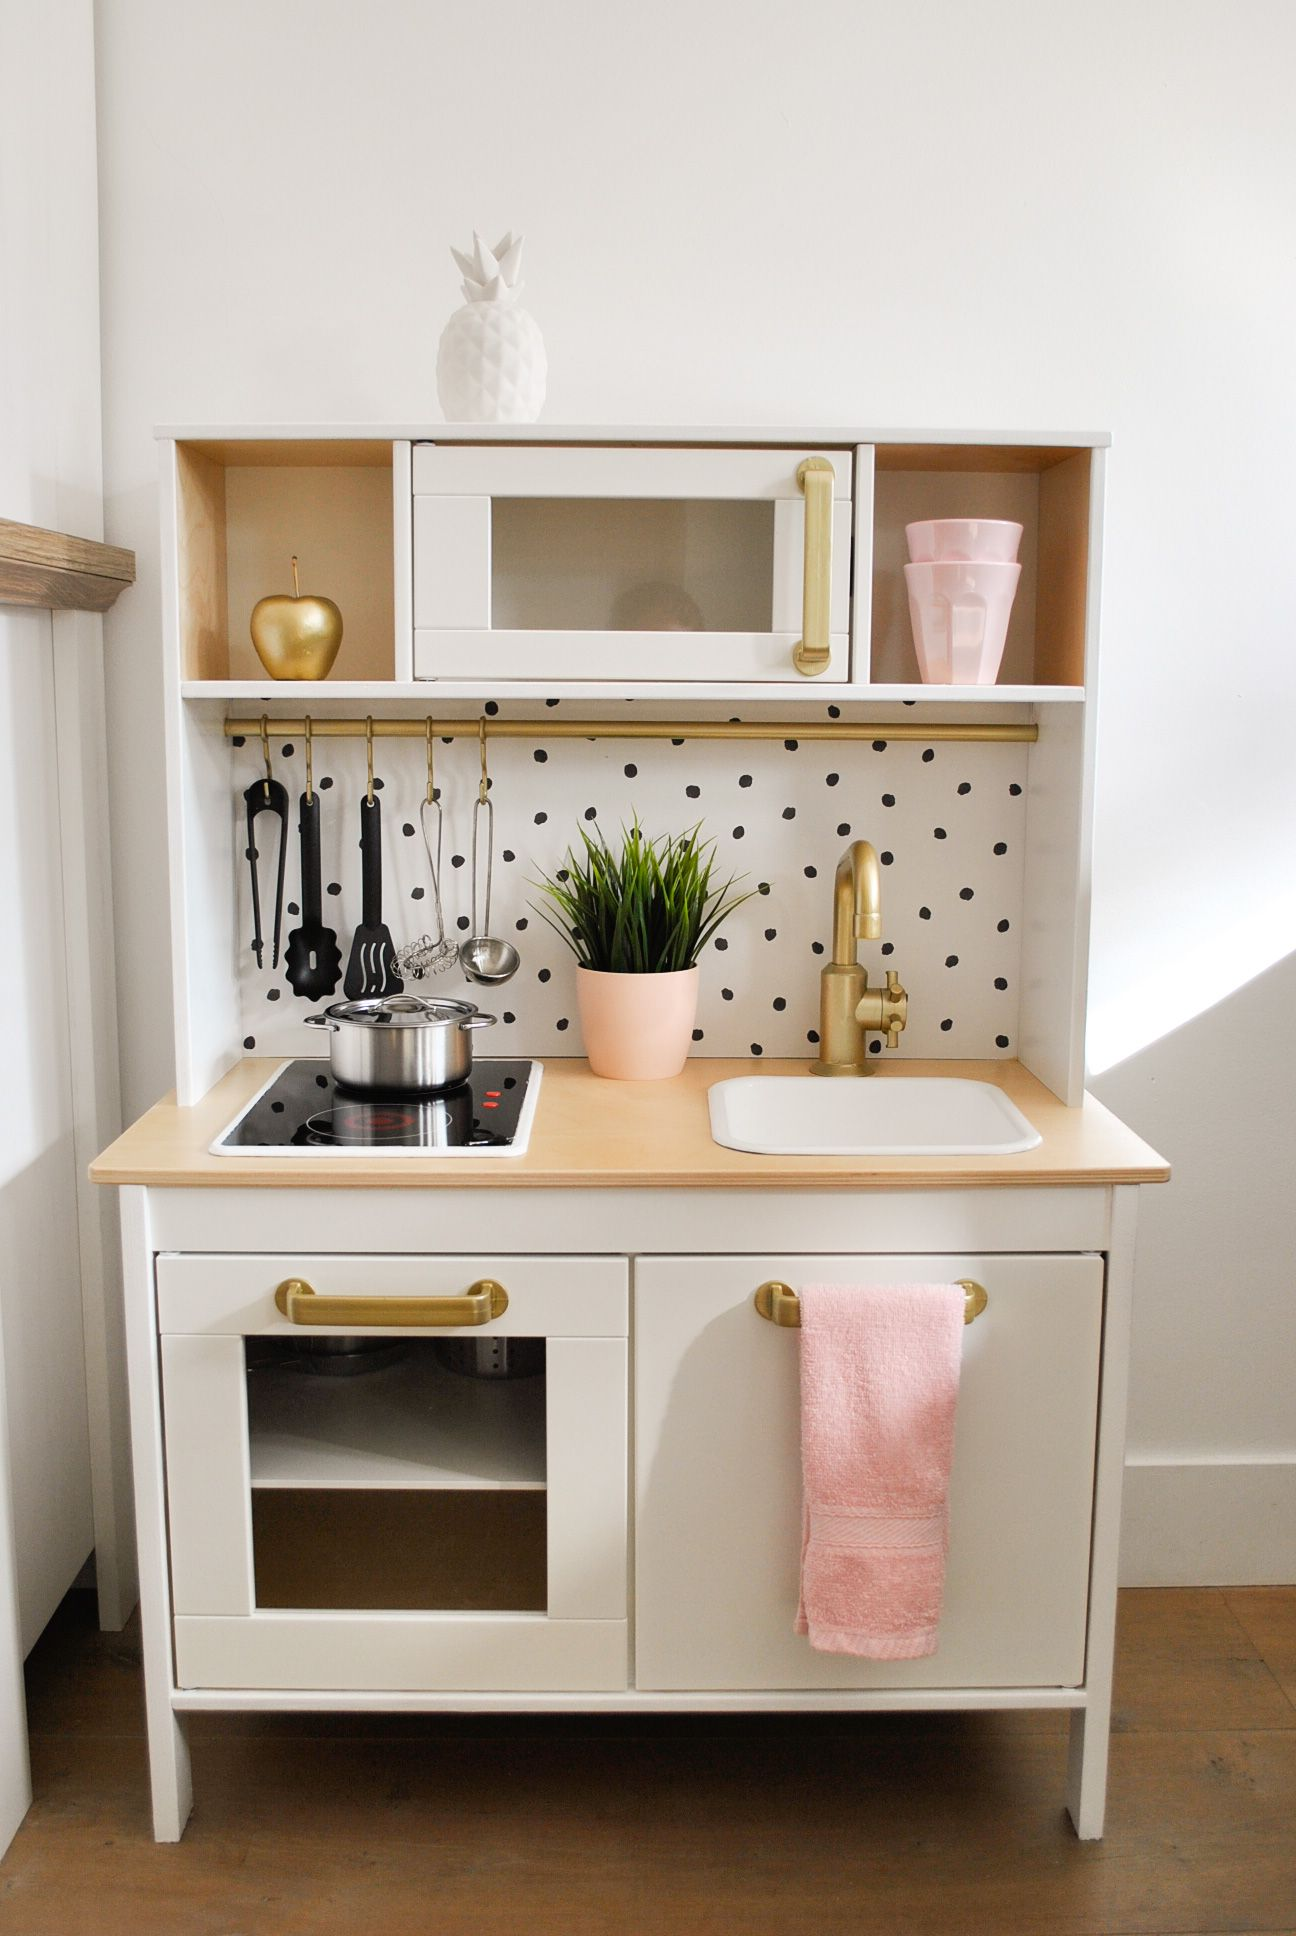 Ikea duktig kitchen Ikea, Speelkeukens, Speelgoed keuken